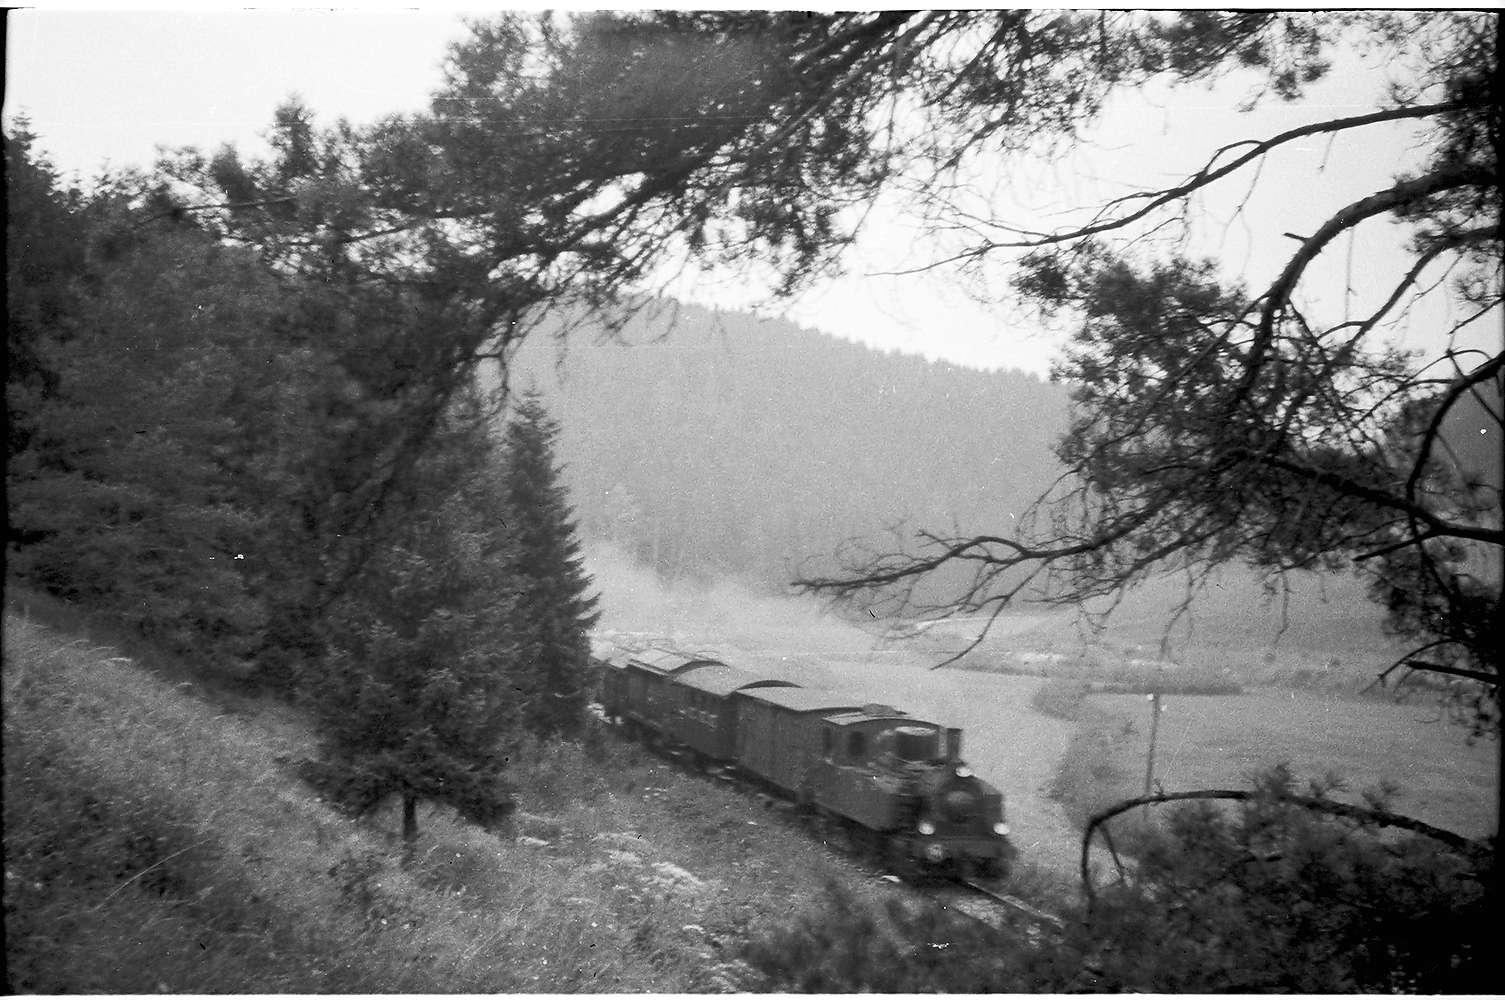 Lok 11, Strecke Hasental - Trochtelfingen, so genannte Kuppenalb, Bild 1